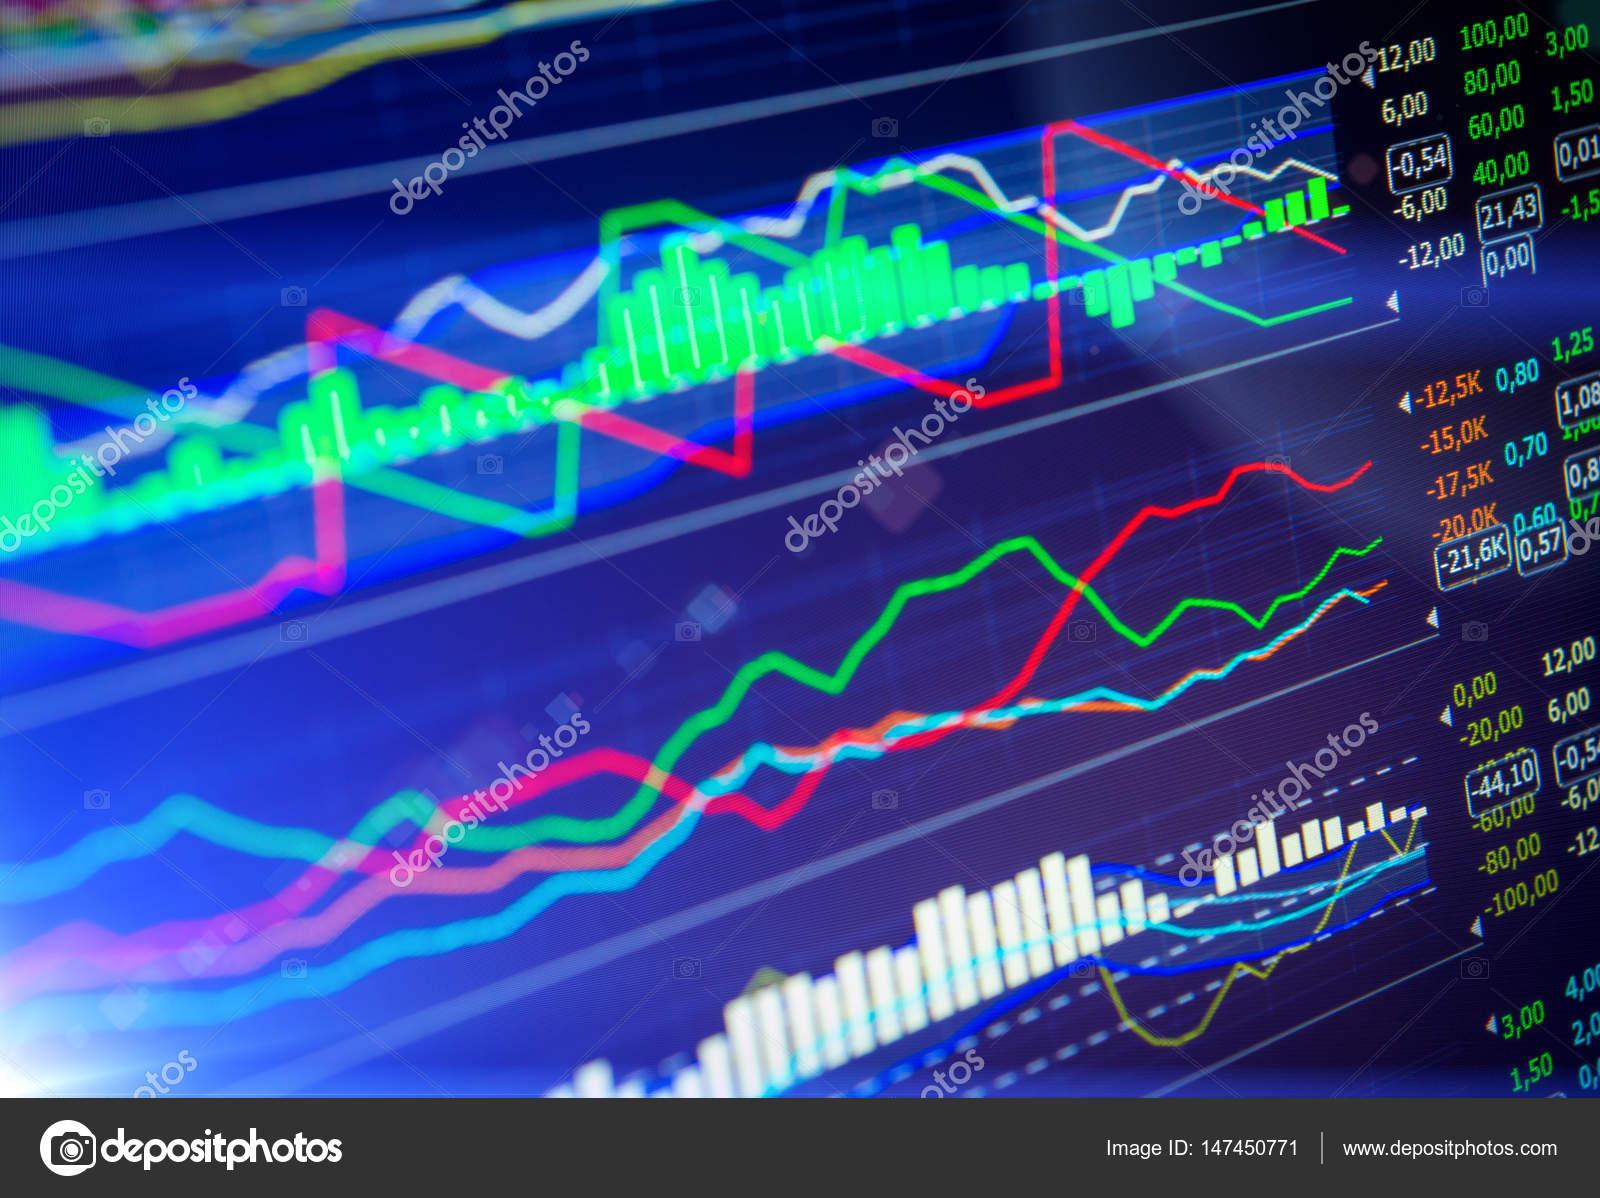 Графики i рынка форекс хакерские программы биткоин